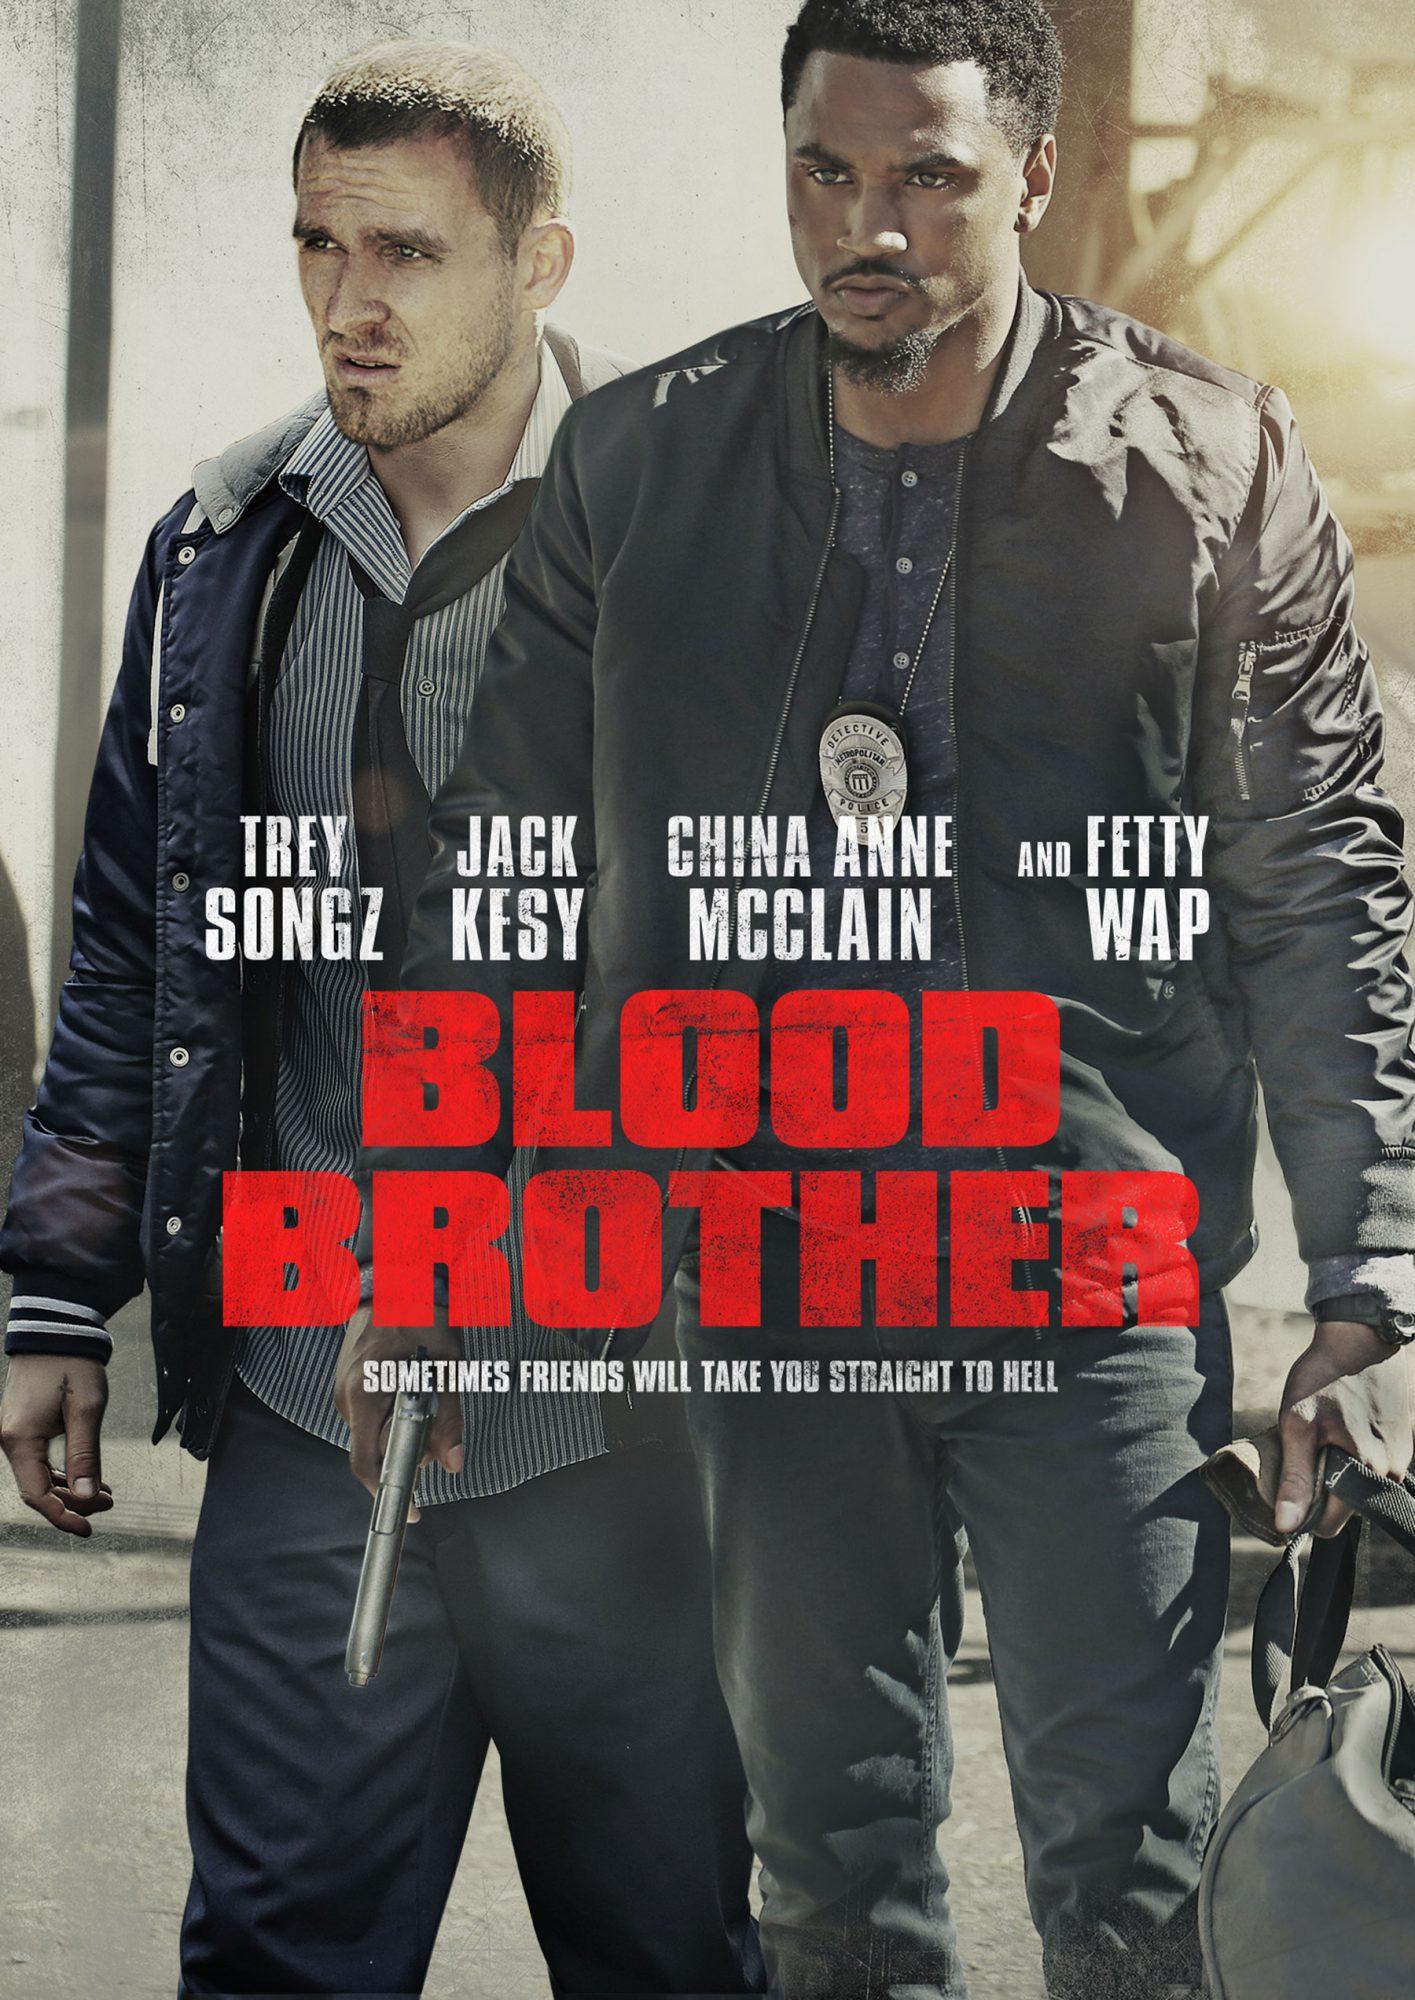 BloodBrother_KA